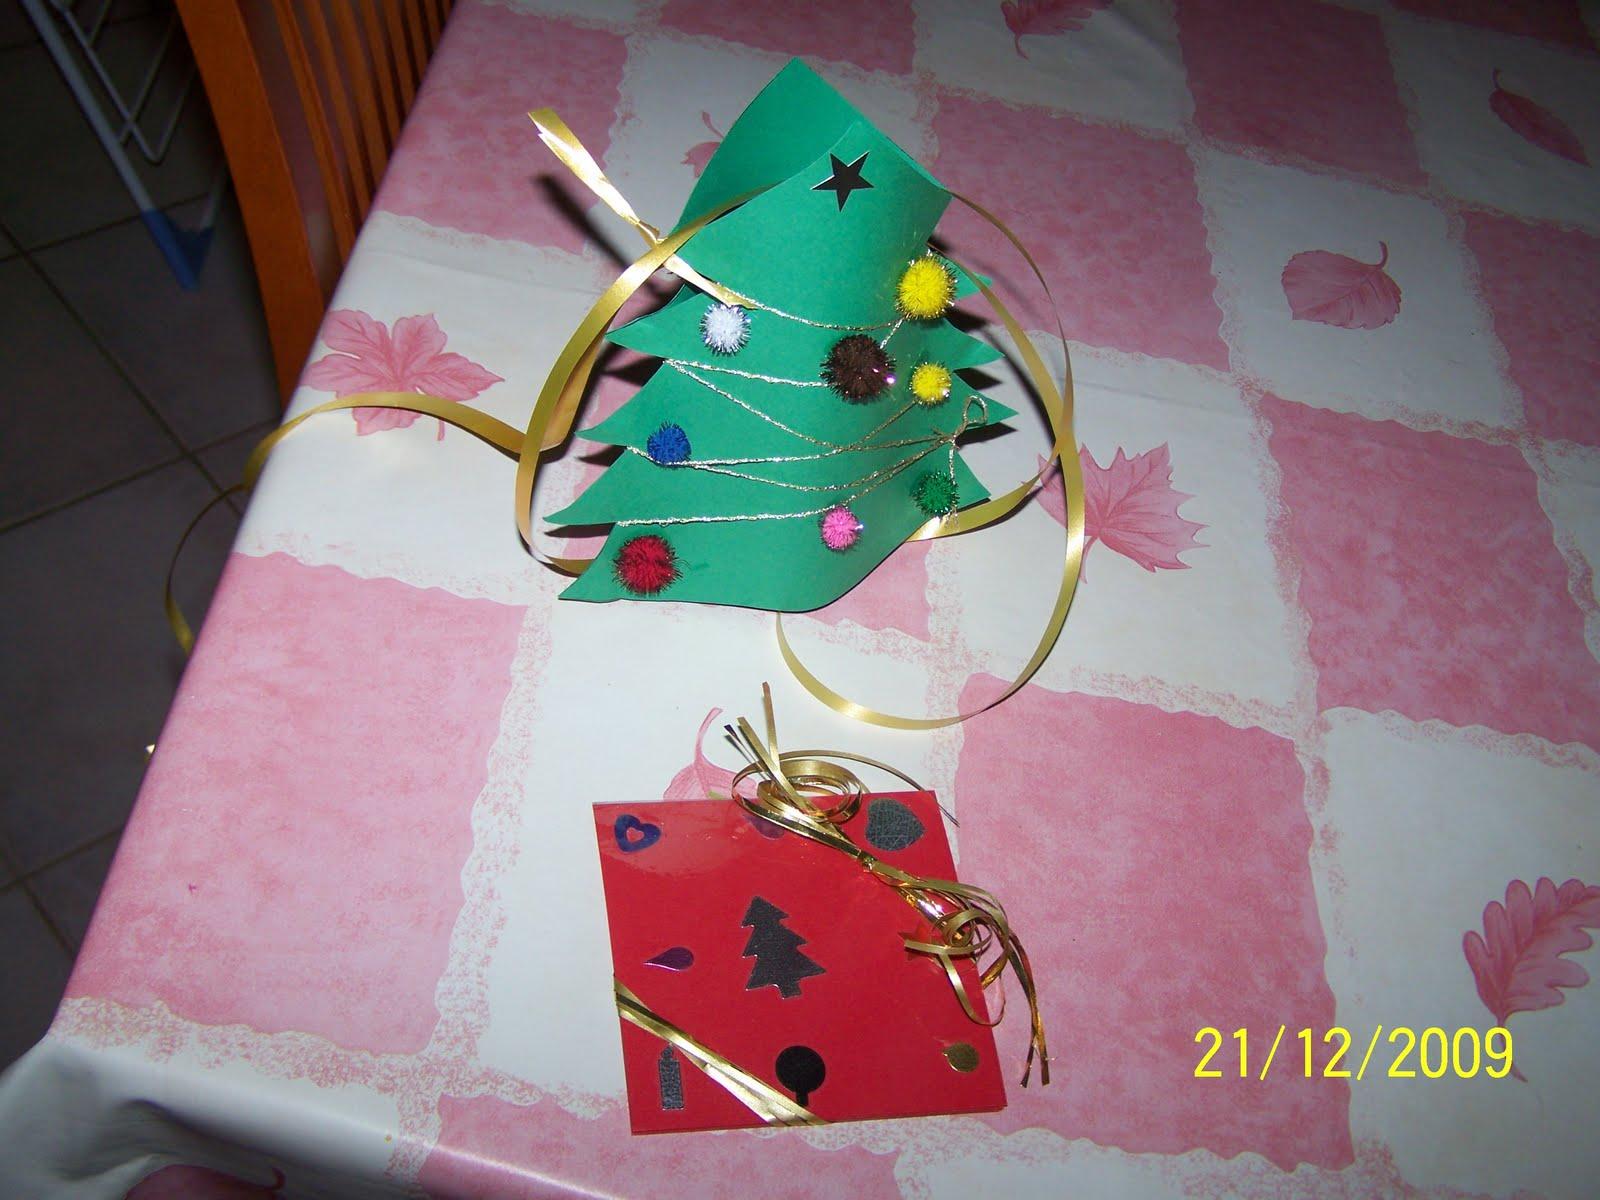 #20AB8B Mes Idees De Sorties Sympa: Bricolage De Noel Des Enfants 5667 idée déco noel maternelle 1600x1200 px @ aertt.com